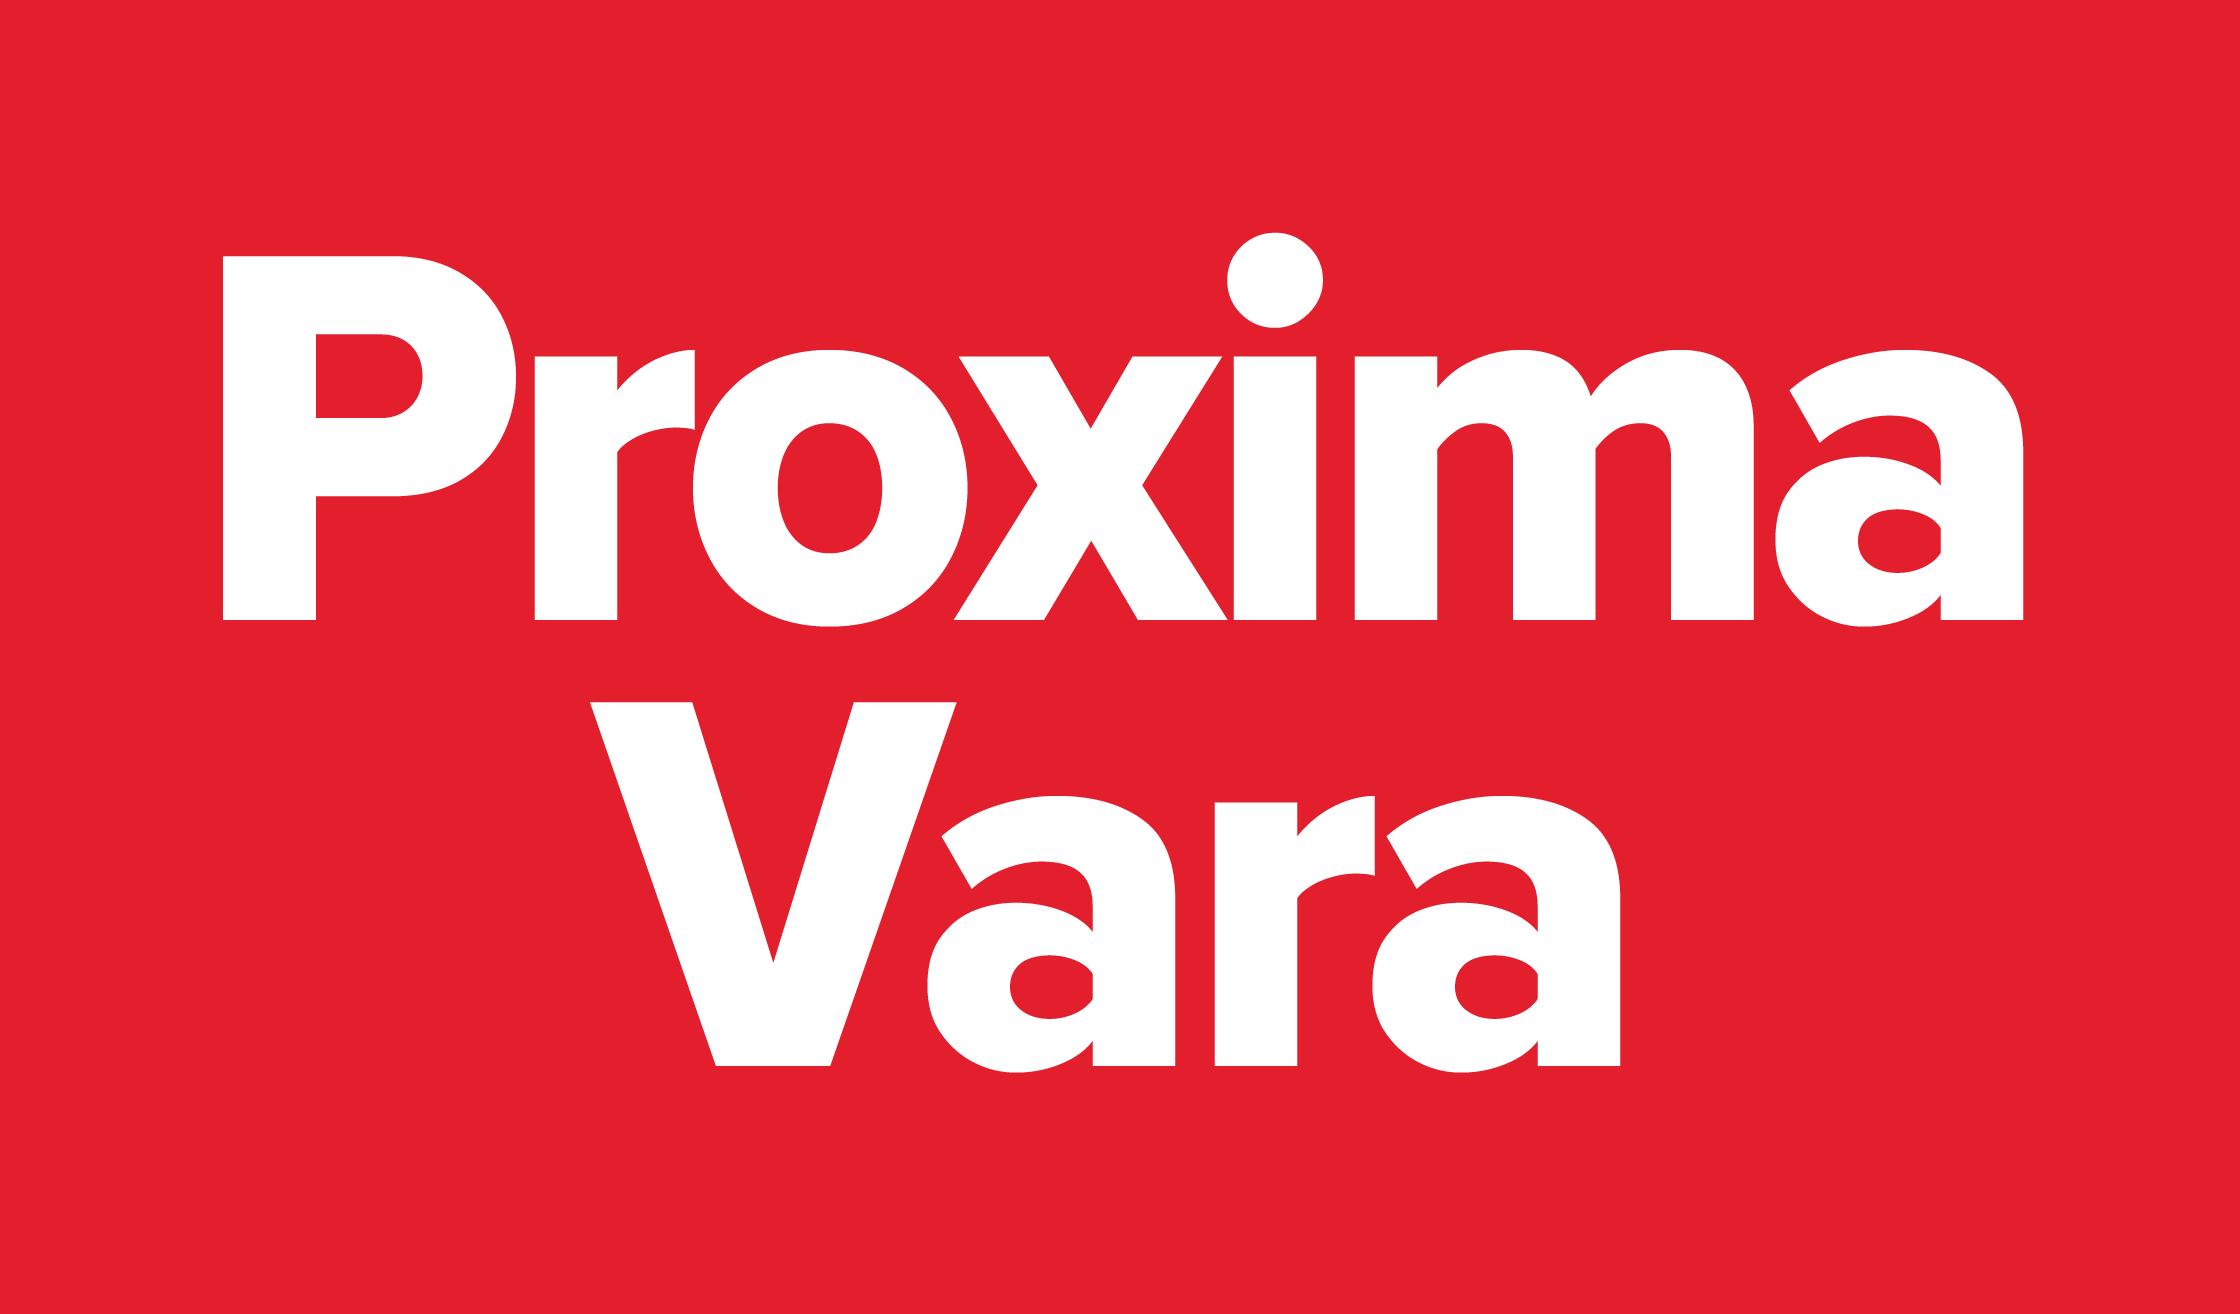 Proxima Vara Name 2240